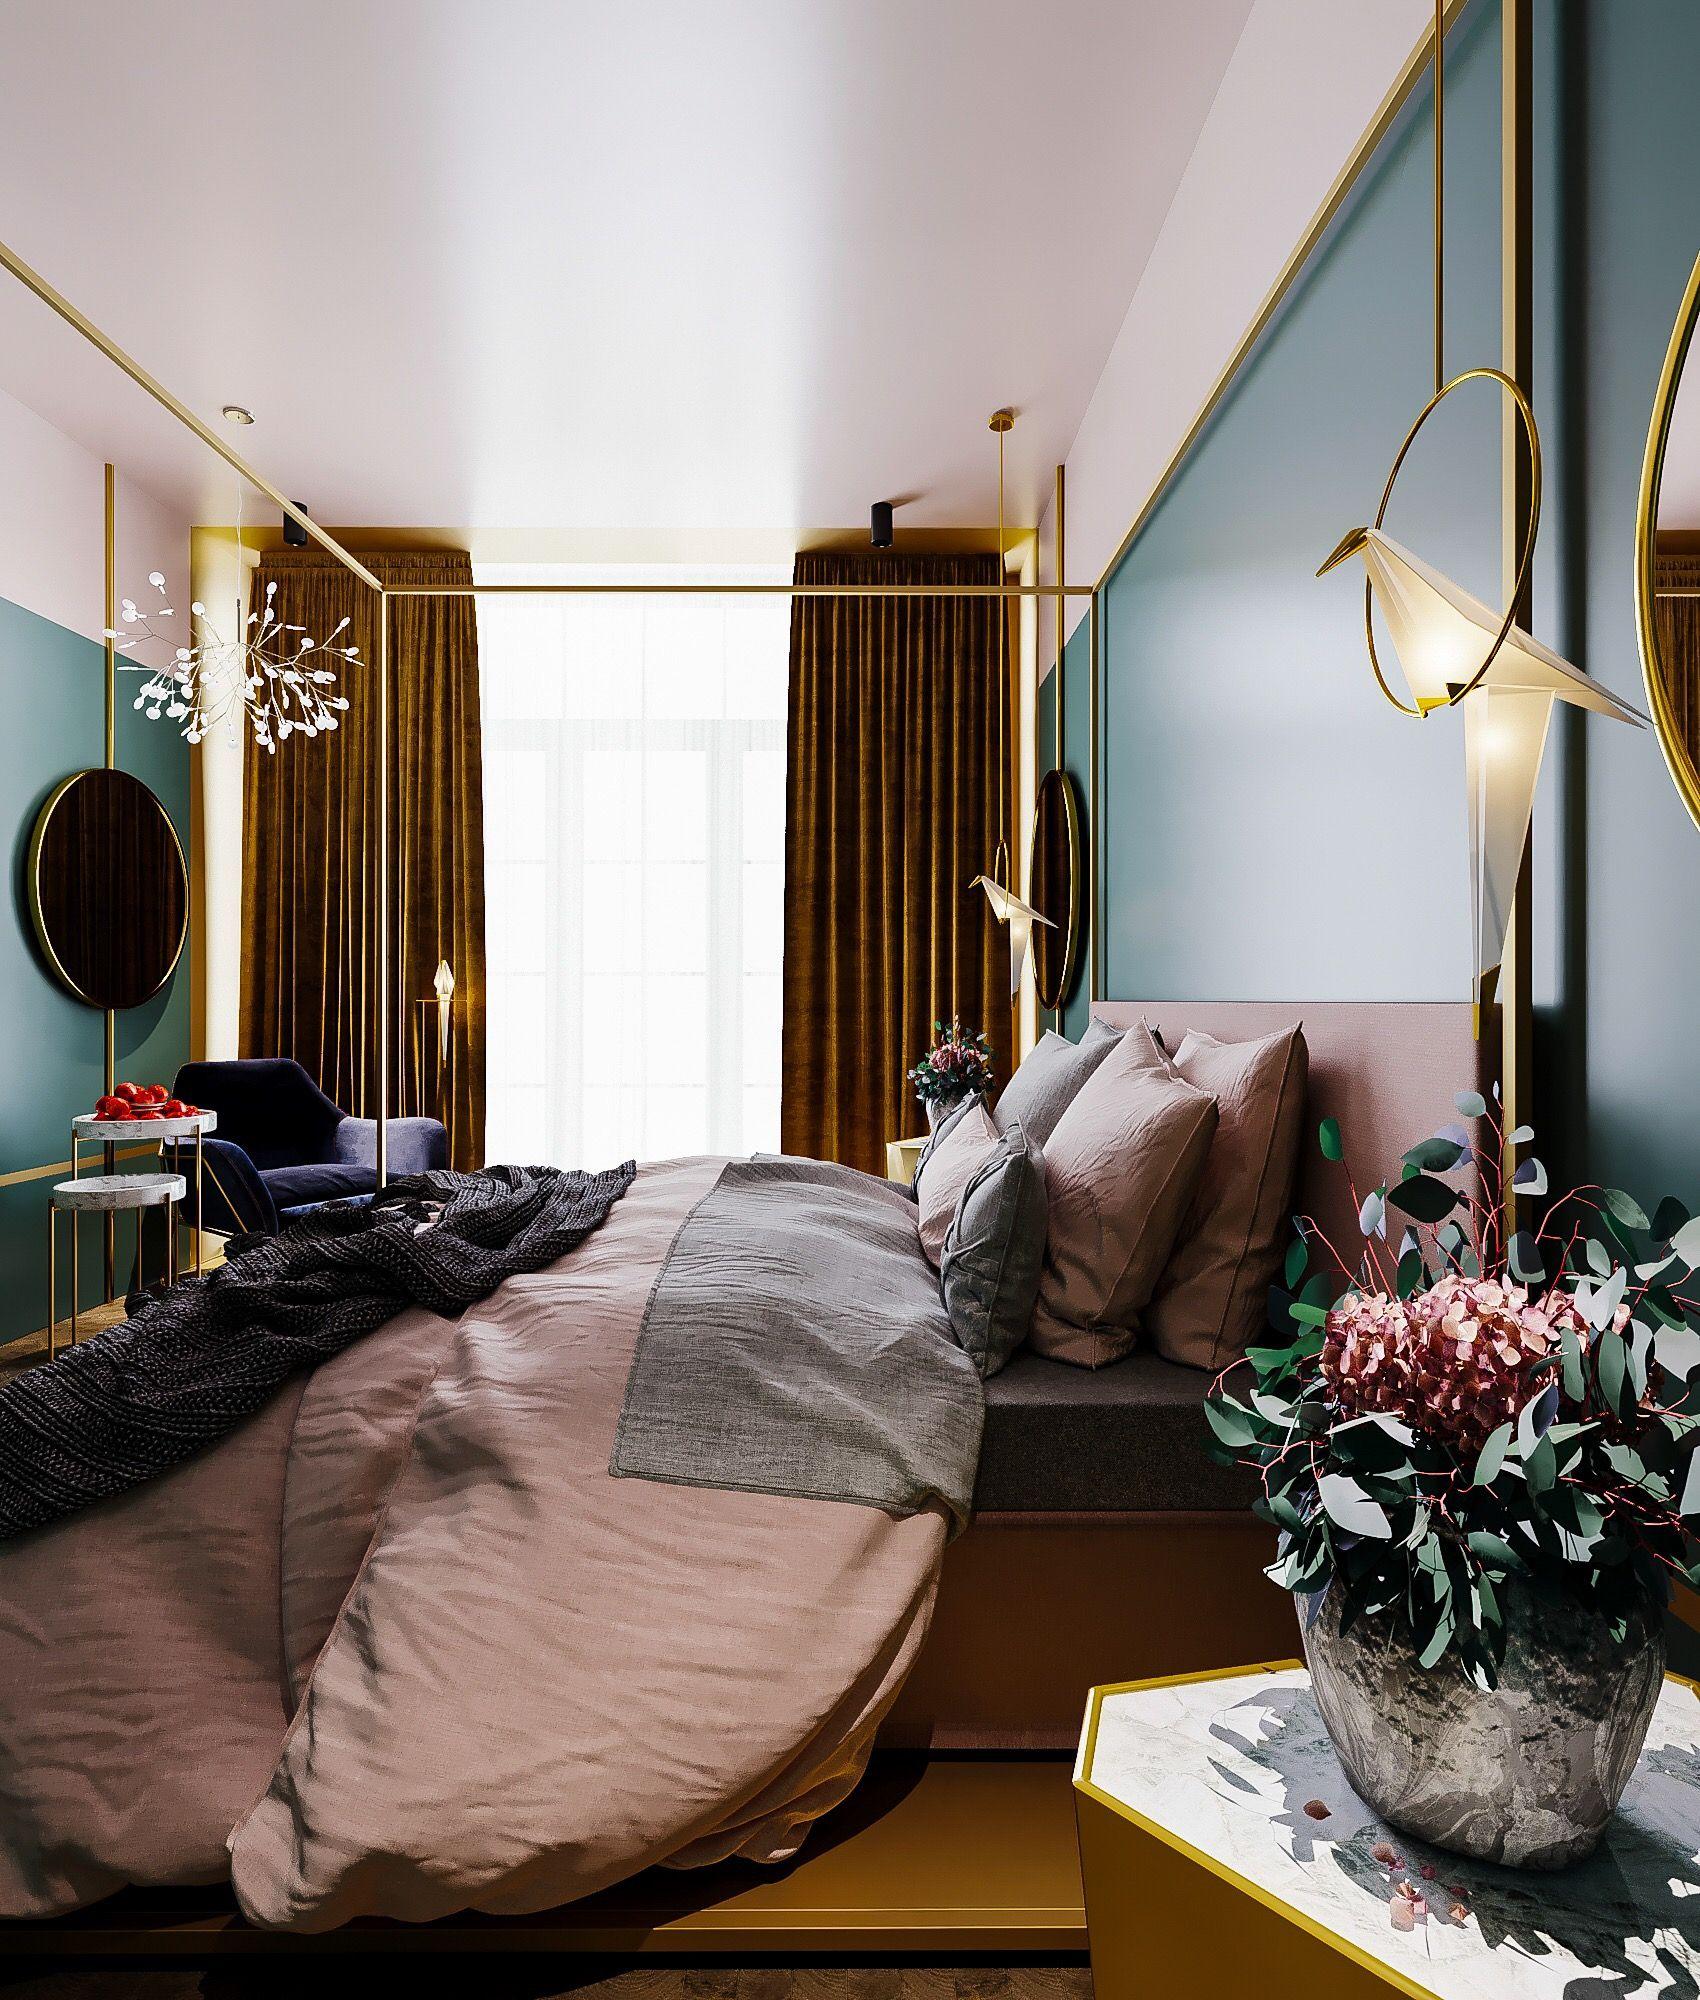 Bedroom in townhouse on Behance | bedroom in 2018 | Pinterest ...